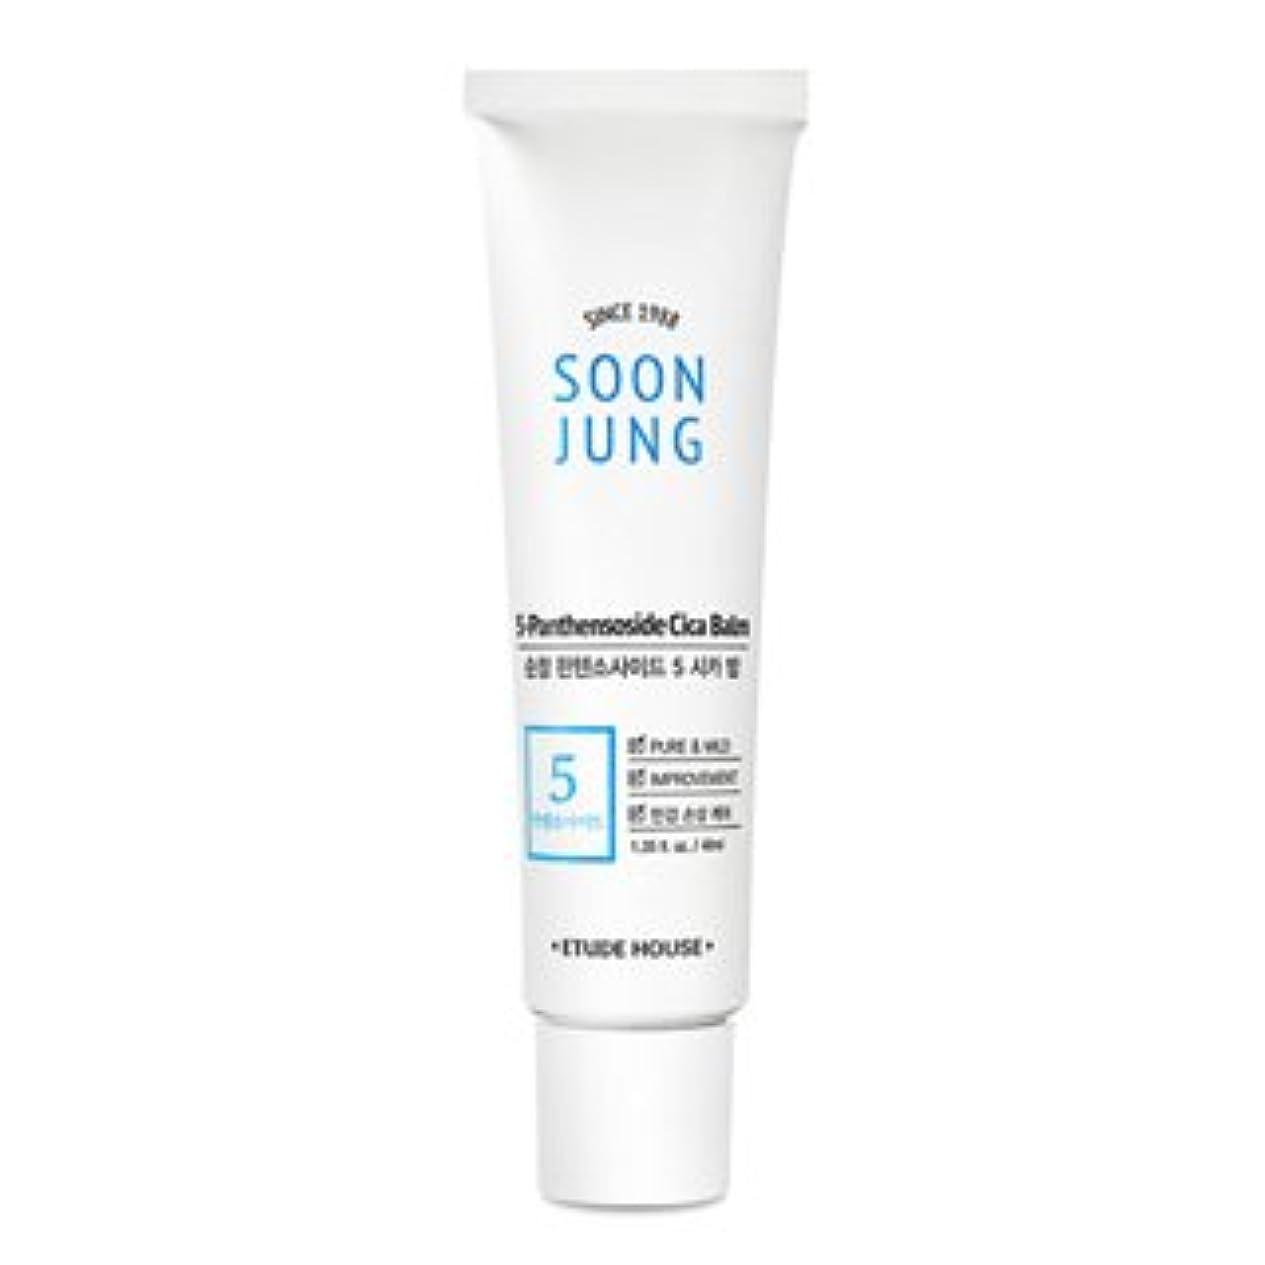 予防接種する寄り添うつまらない[New] ETUDE HOUSE Soon Jung 5-Panthensoside Cica Balm/エチュードハウス スンジョン 5-パンテンソシド シカ バーム (40ml) [並行輸入品]